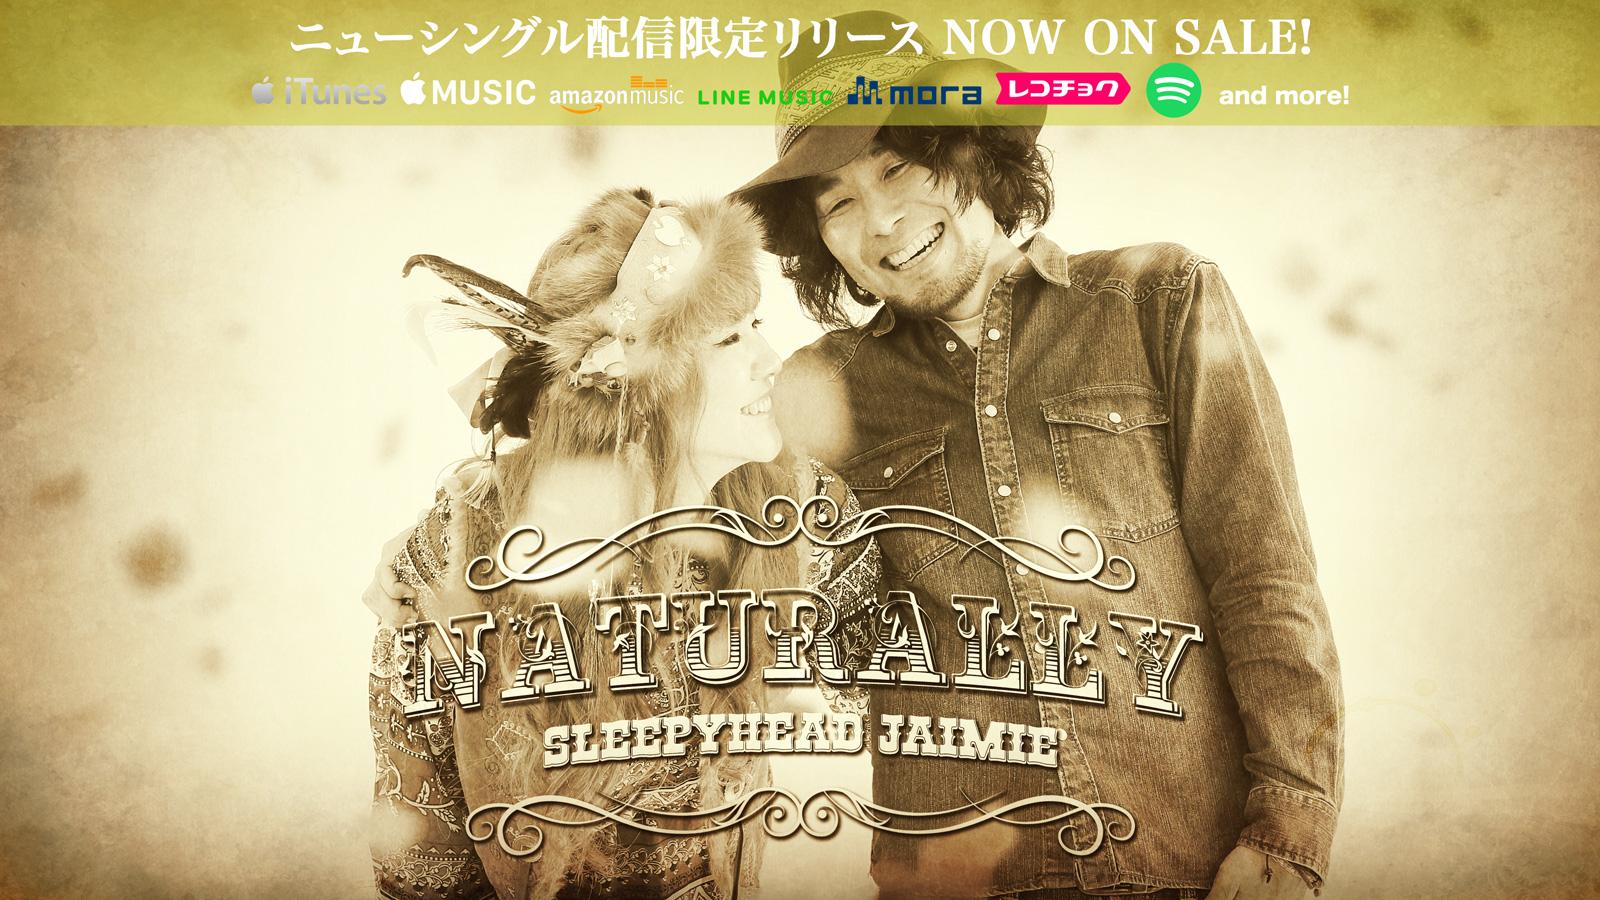 ニューシングル Naturally (ナチュラリー) 配信限定リリース NOW ON SALE!